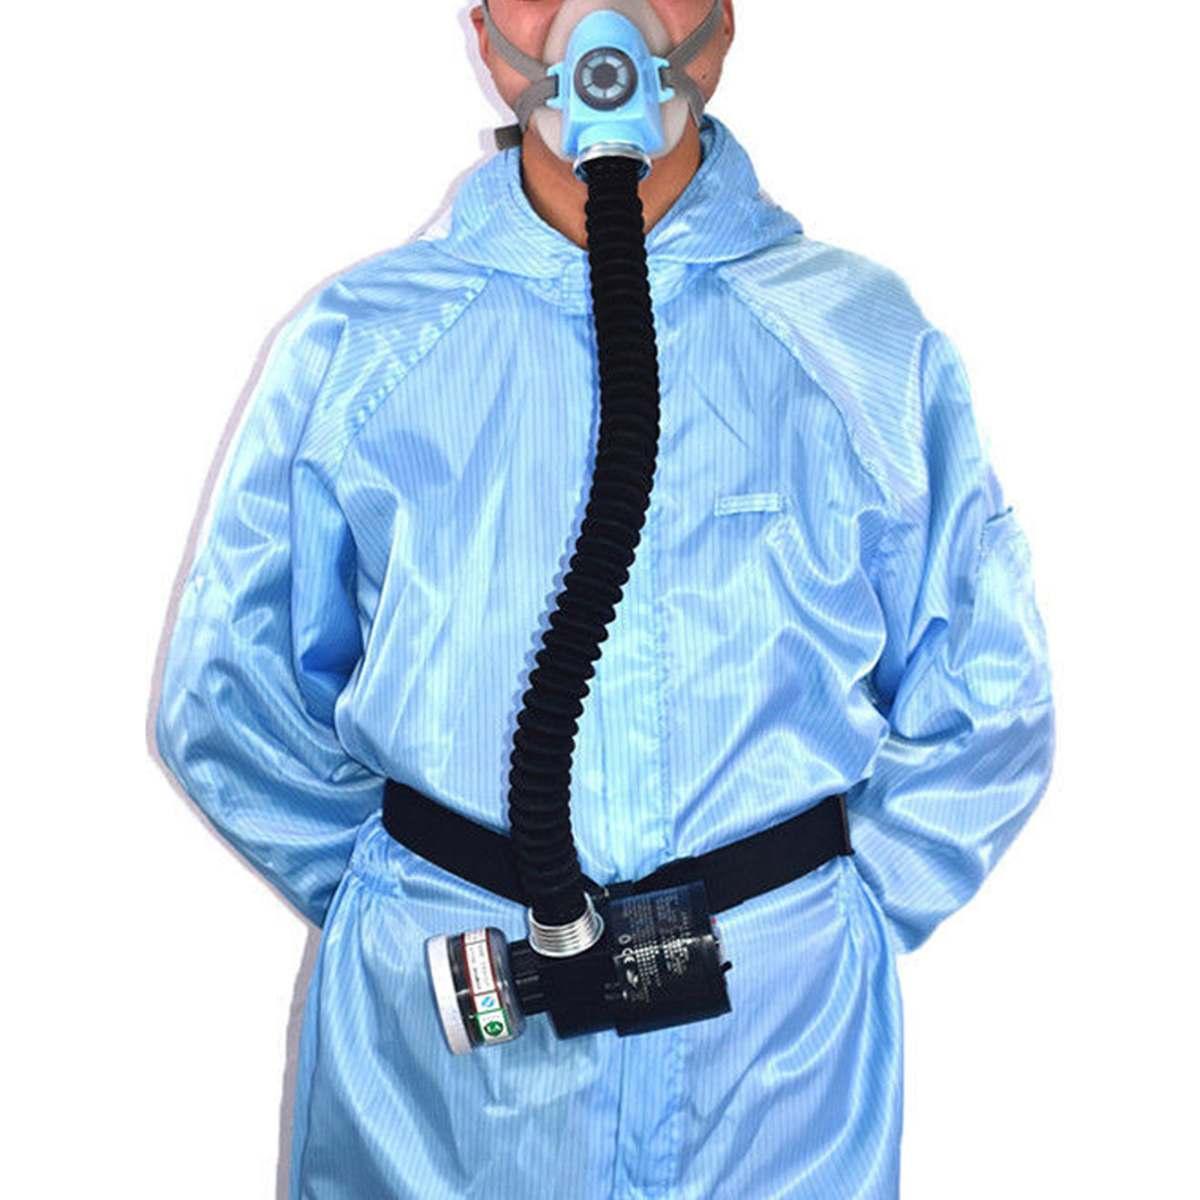 Анти туман электрическая маска + 2 шт фильтр бумага pm2.5 формальдегид активированный уголь пыль запах вторичного дыма Воздухопроницаемый - 6